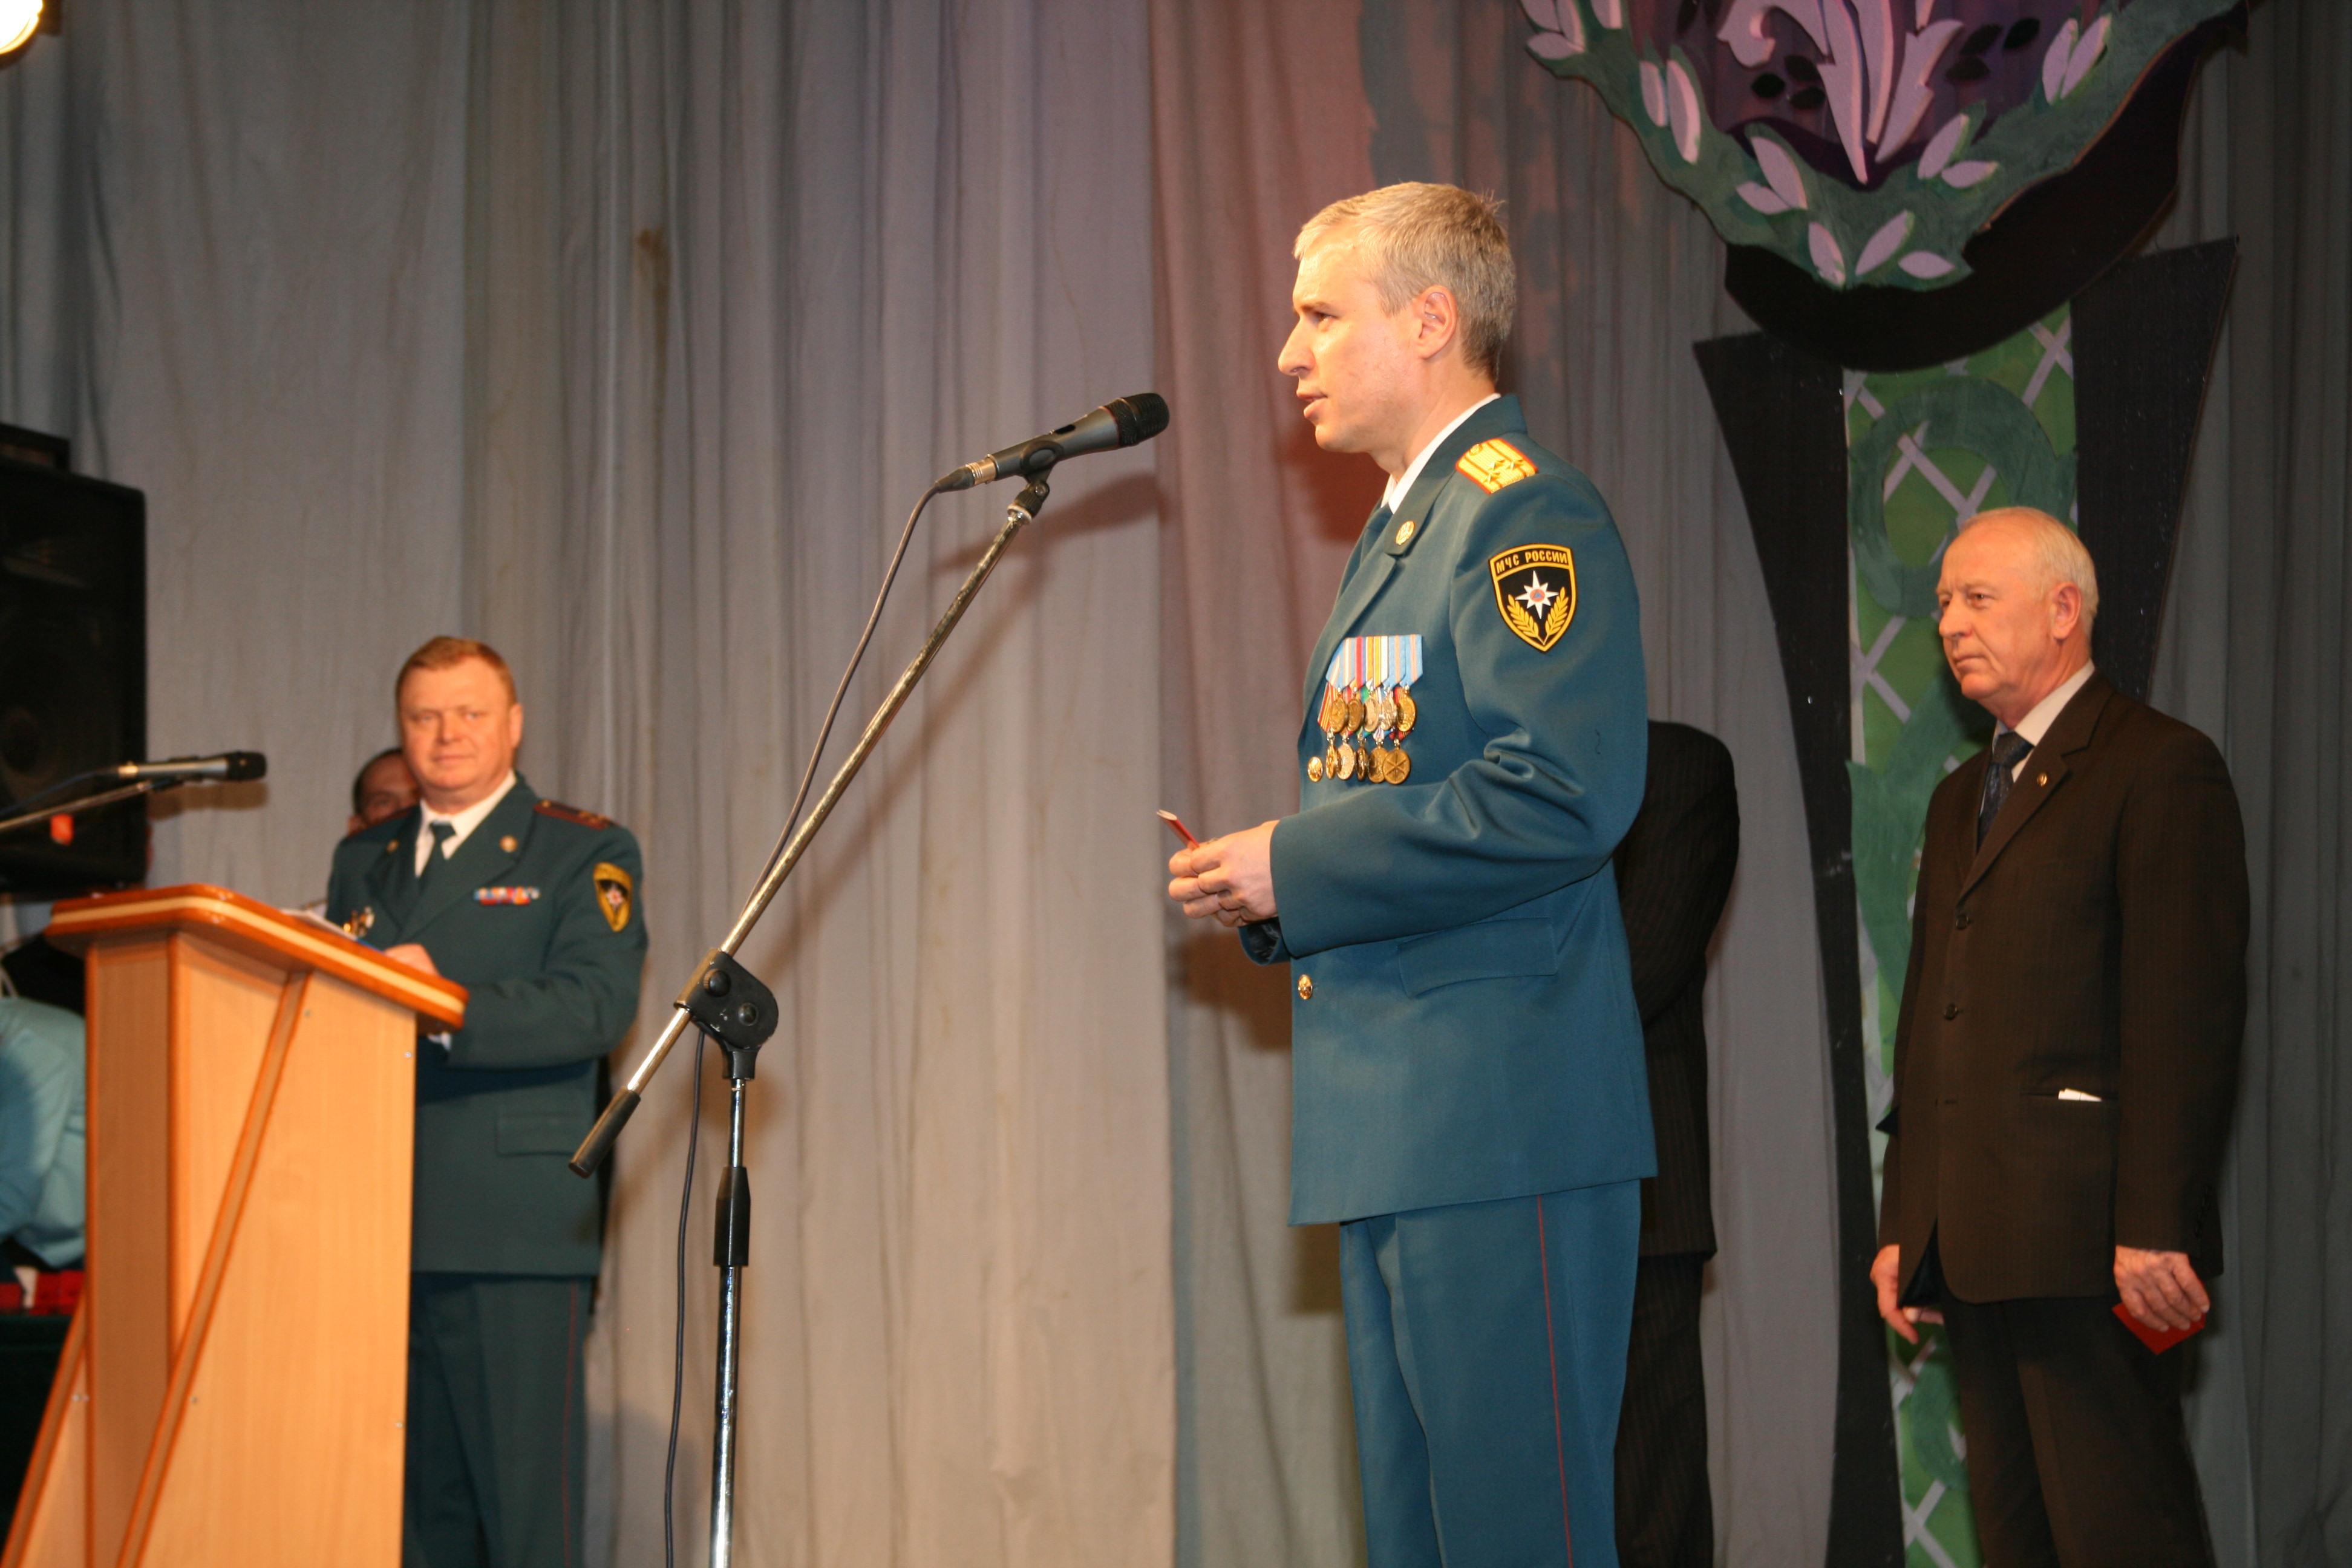 Поздравление с годовщиной со дня образования пожарной охраны россии